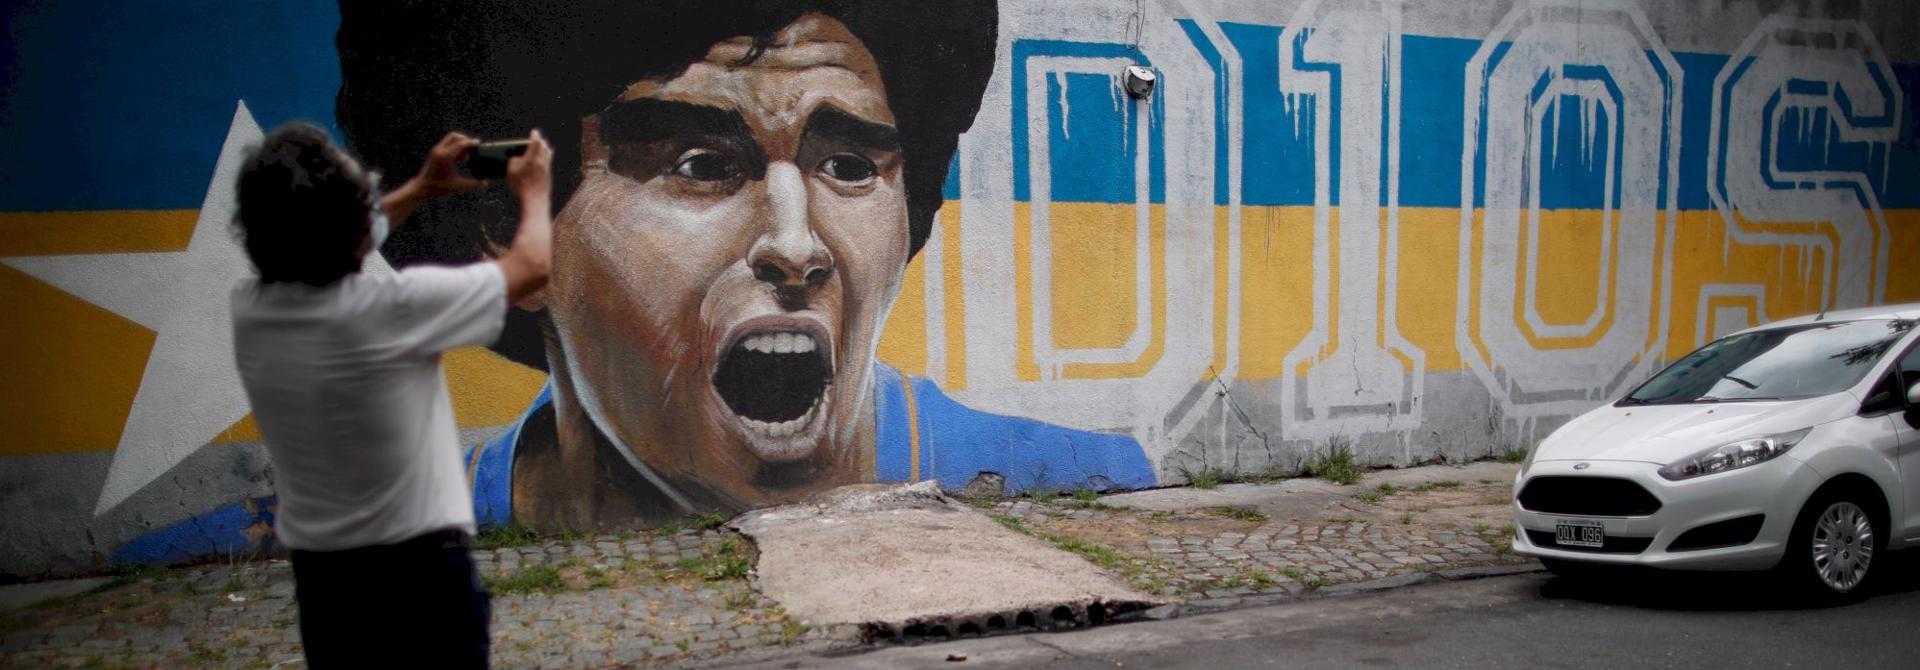 Những chiếc ô tô trong cuộc đời huyền thoại bóng đá Diego Maradona